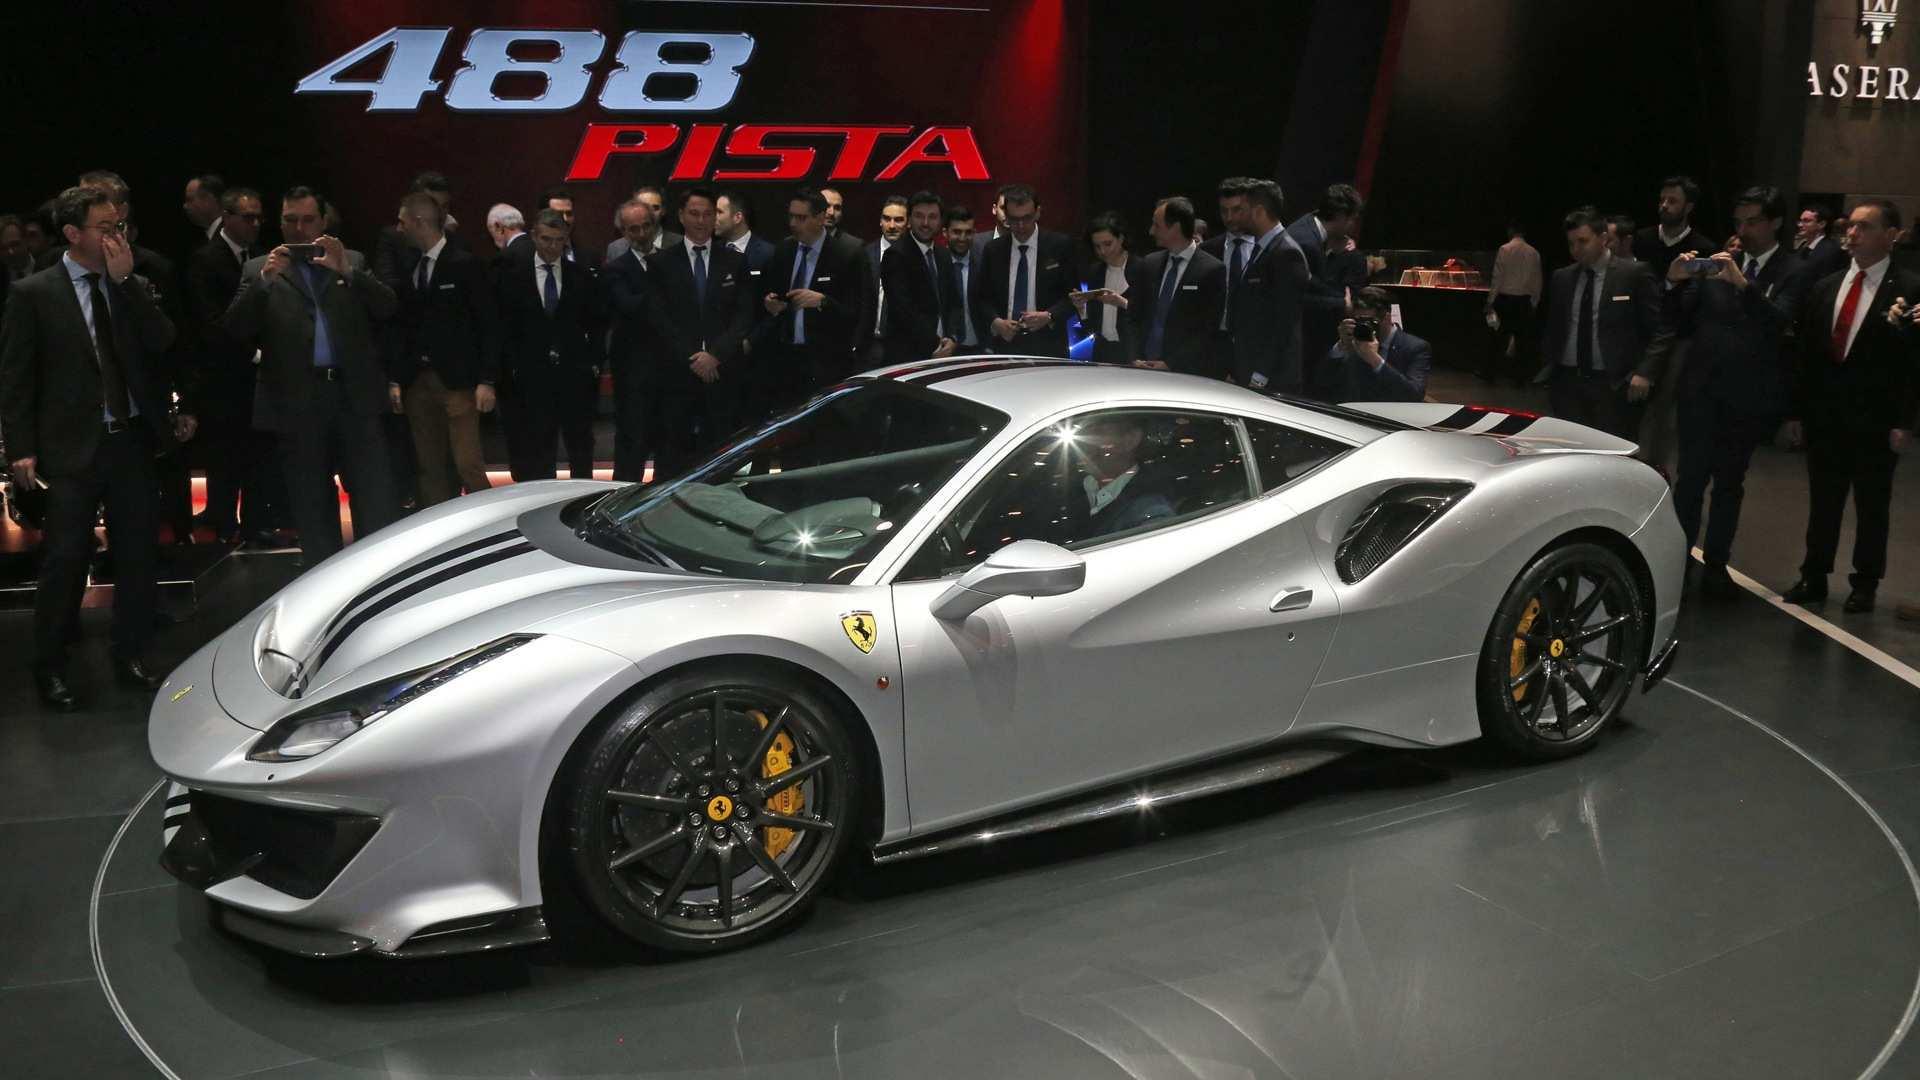 48 Great 2020 Ferrari 488 Pista Exterior by 2020 Ferrari 488 Pista